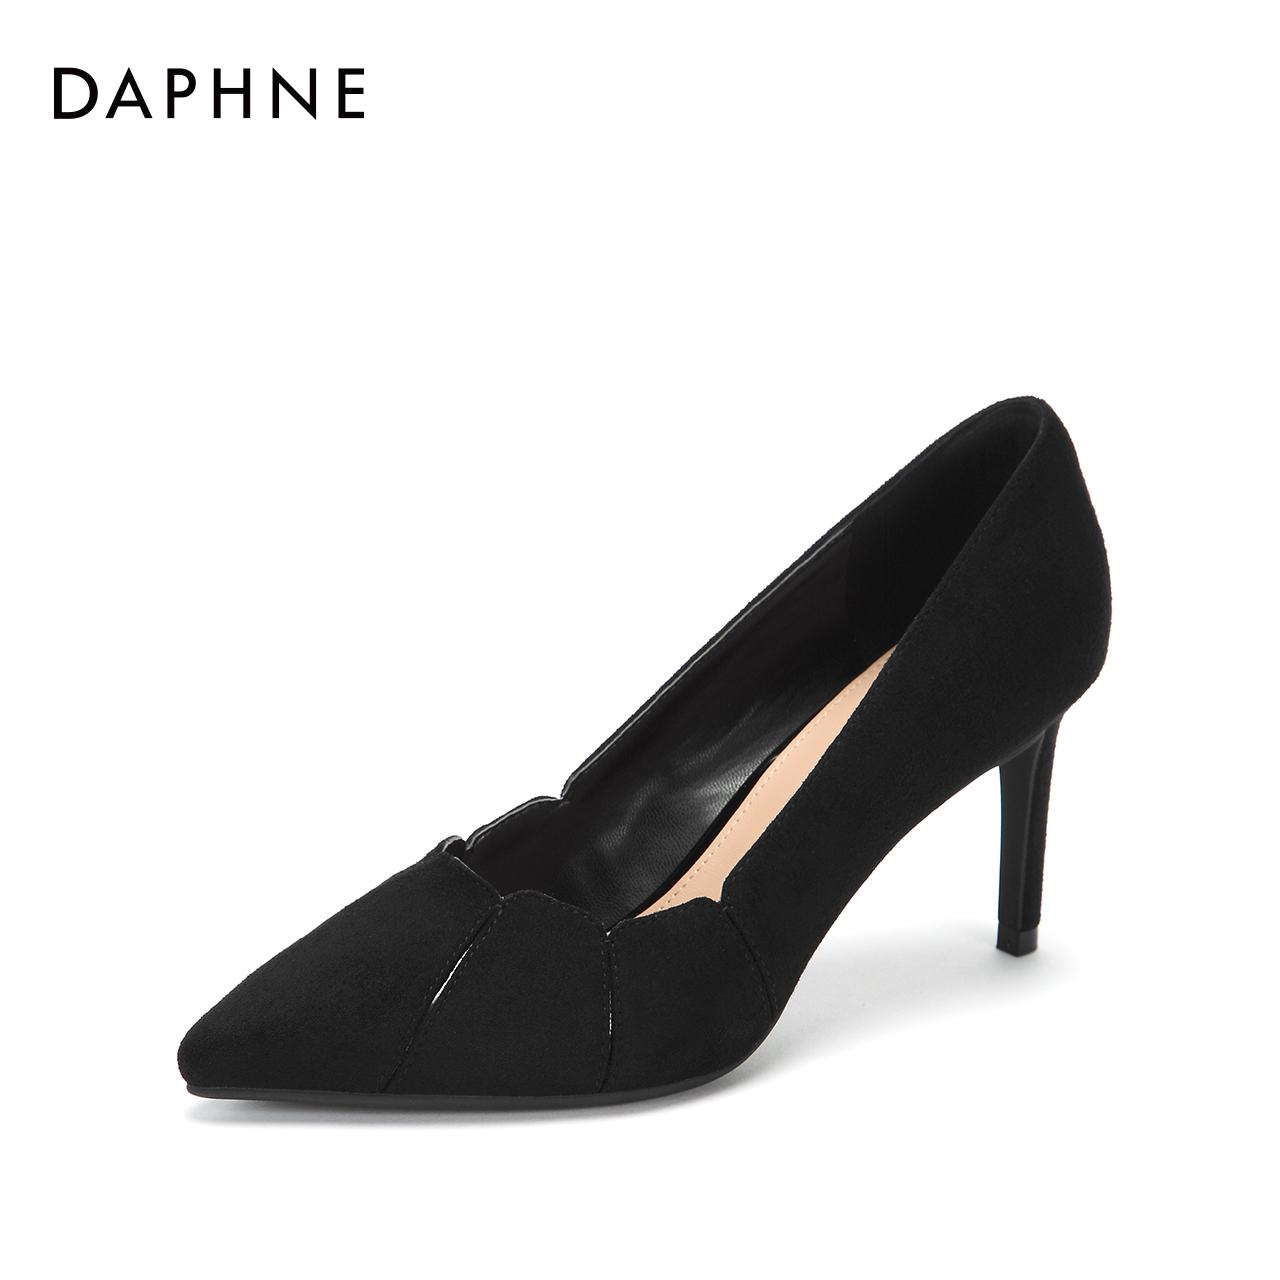 秋新款时尚浅口尖头高跟鞋简约花边纯色单鞋女 2018 达芙妮 Daphne